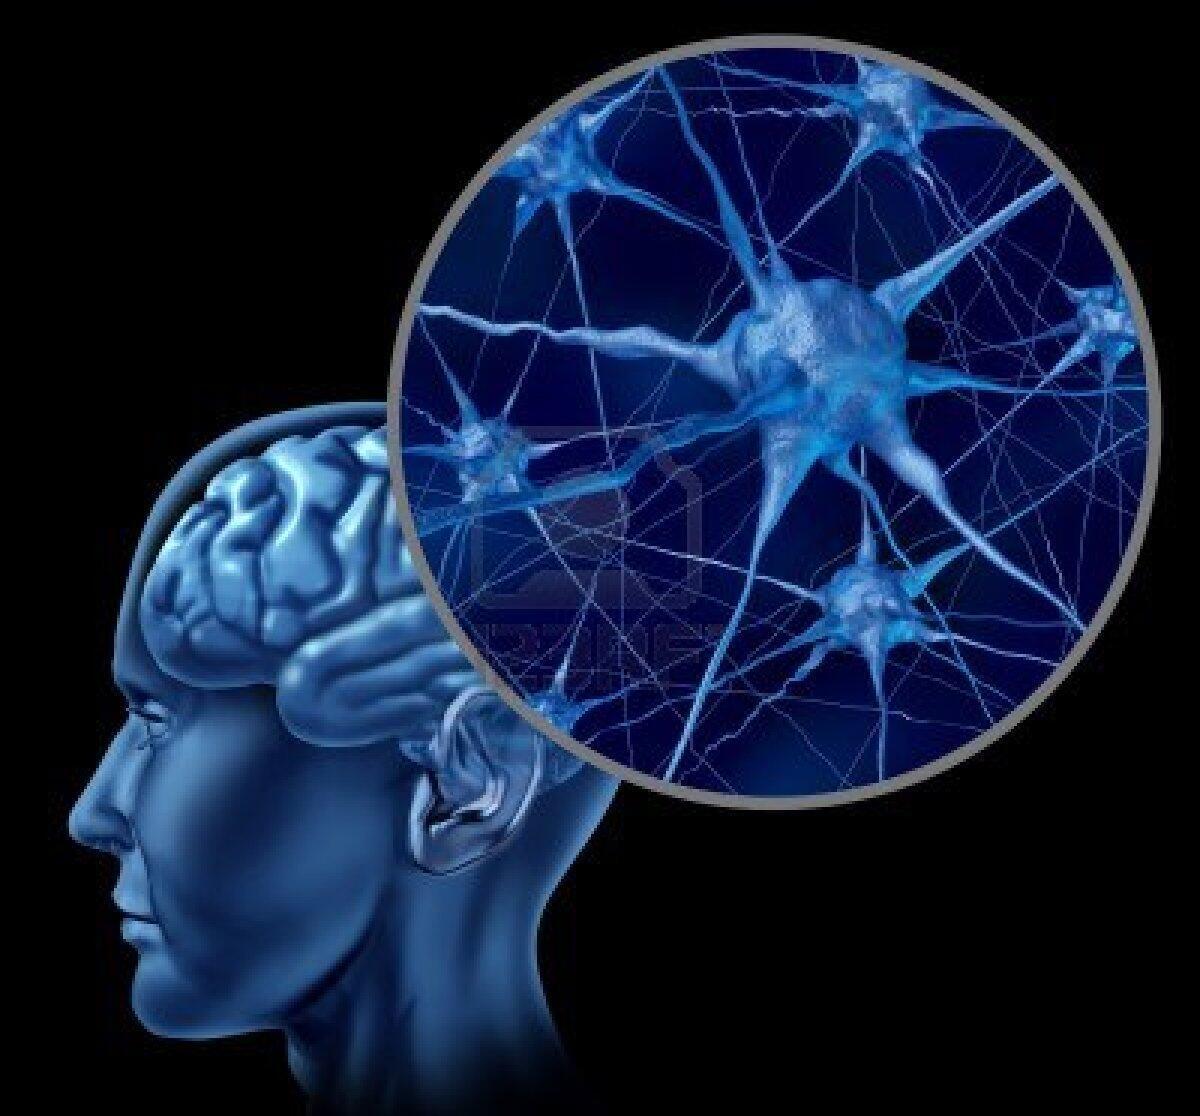 Pesquisadores descobriram que o excesso de glutamato pode prejudicar transporte de substâncias no cérebro